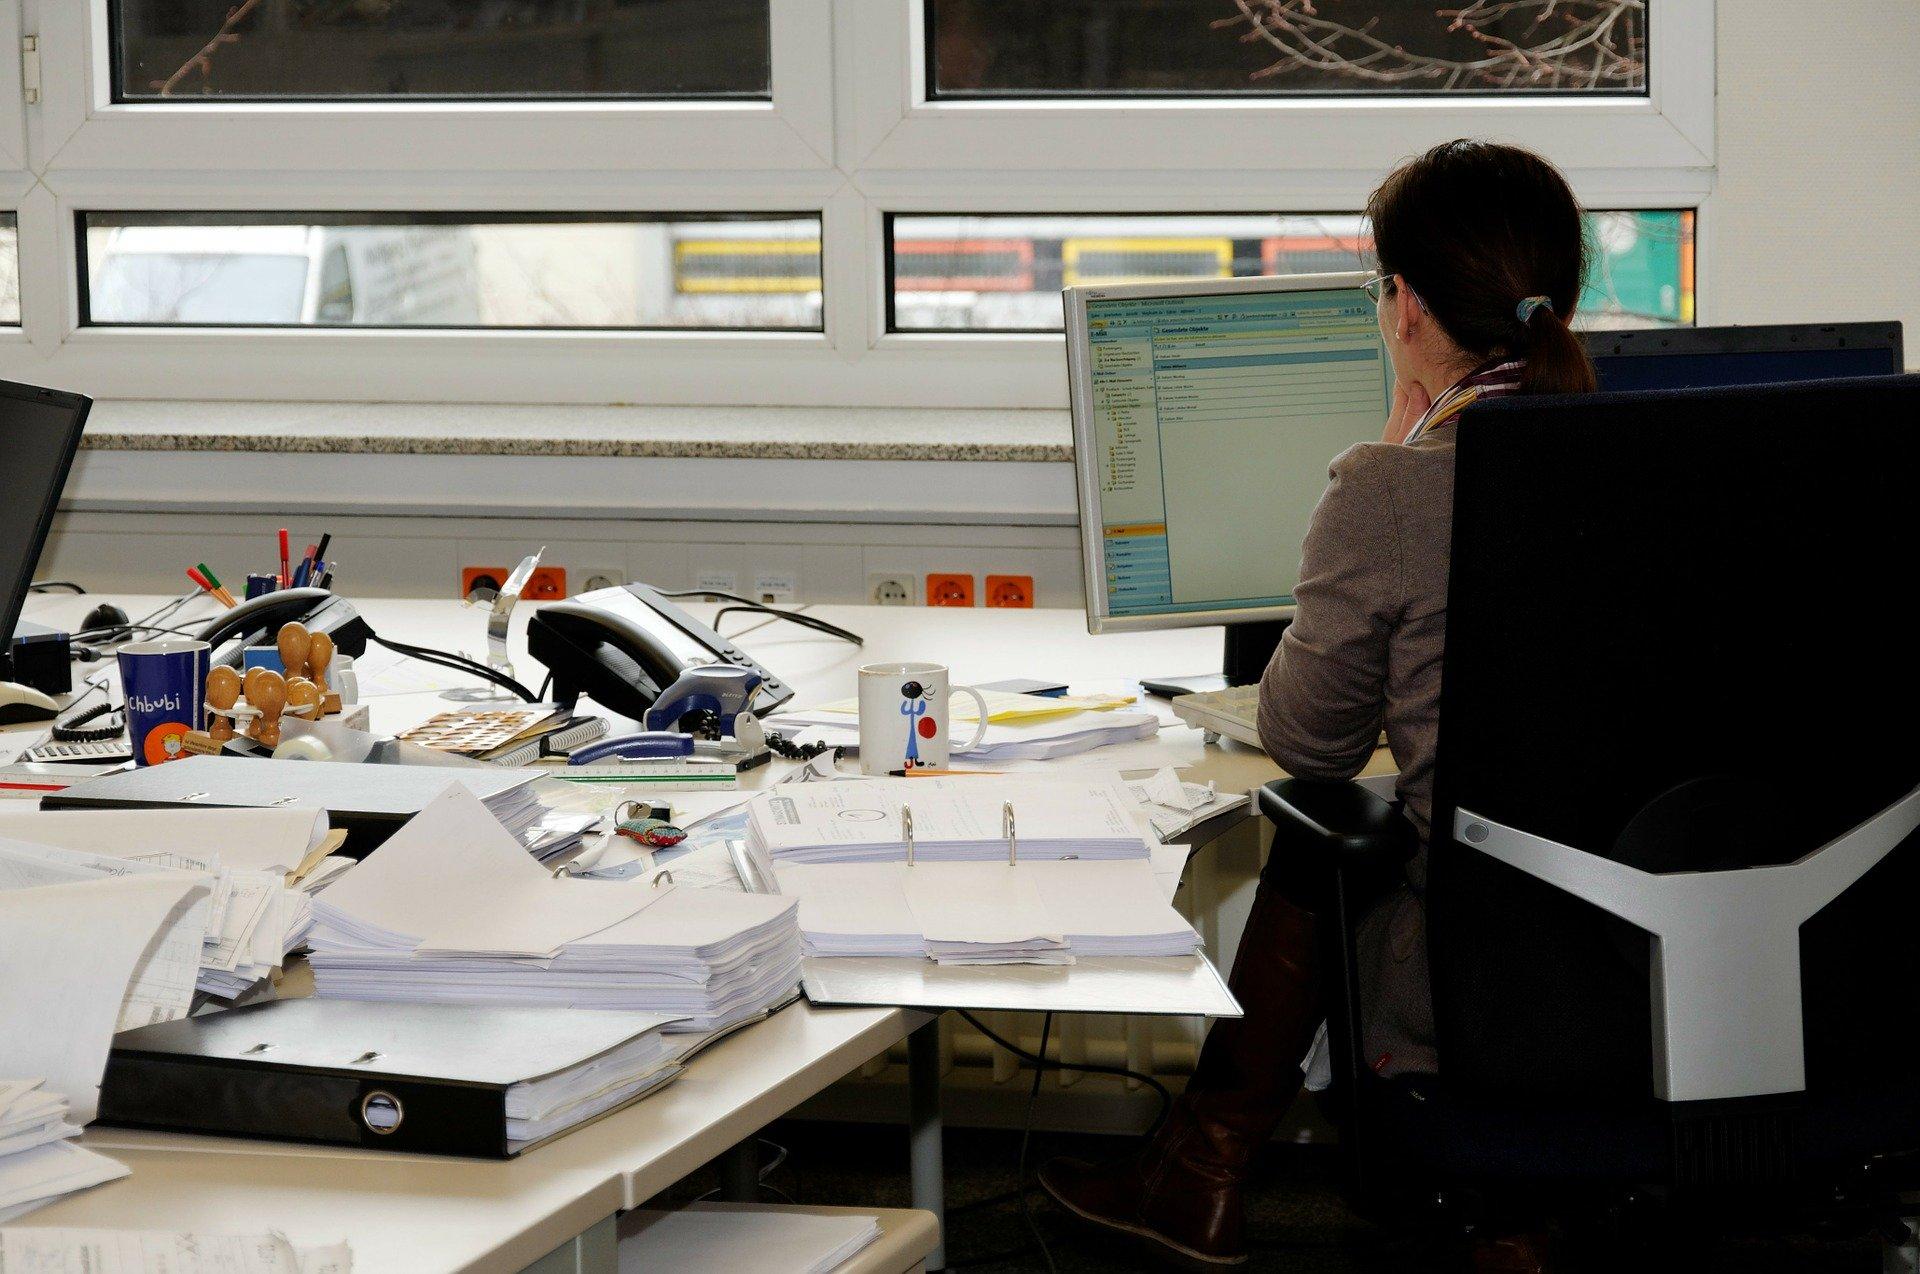 Recrutement: Secrétaire administratif.ve F/H chez Groupement d'Employeurs 4 Saisons à Maumusson-Laguian